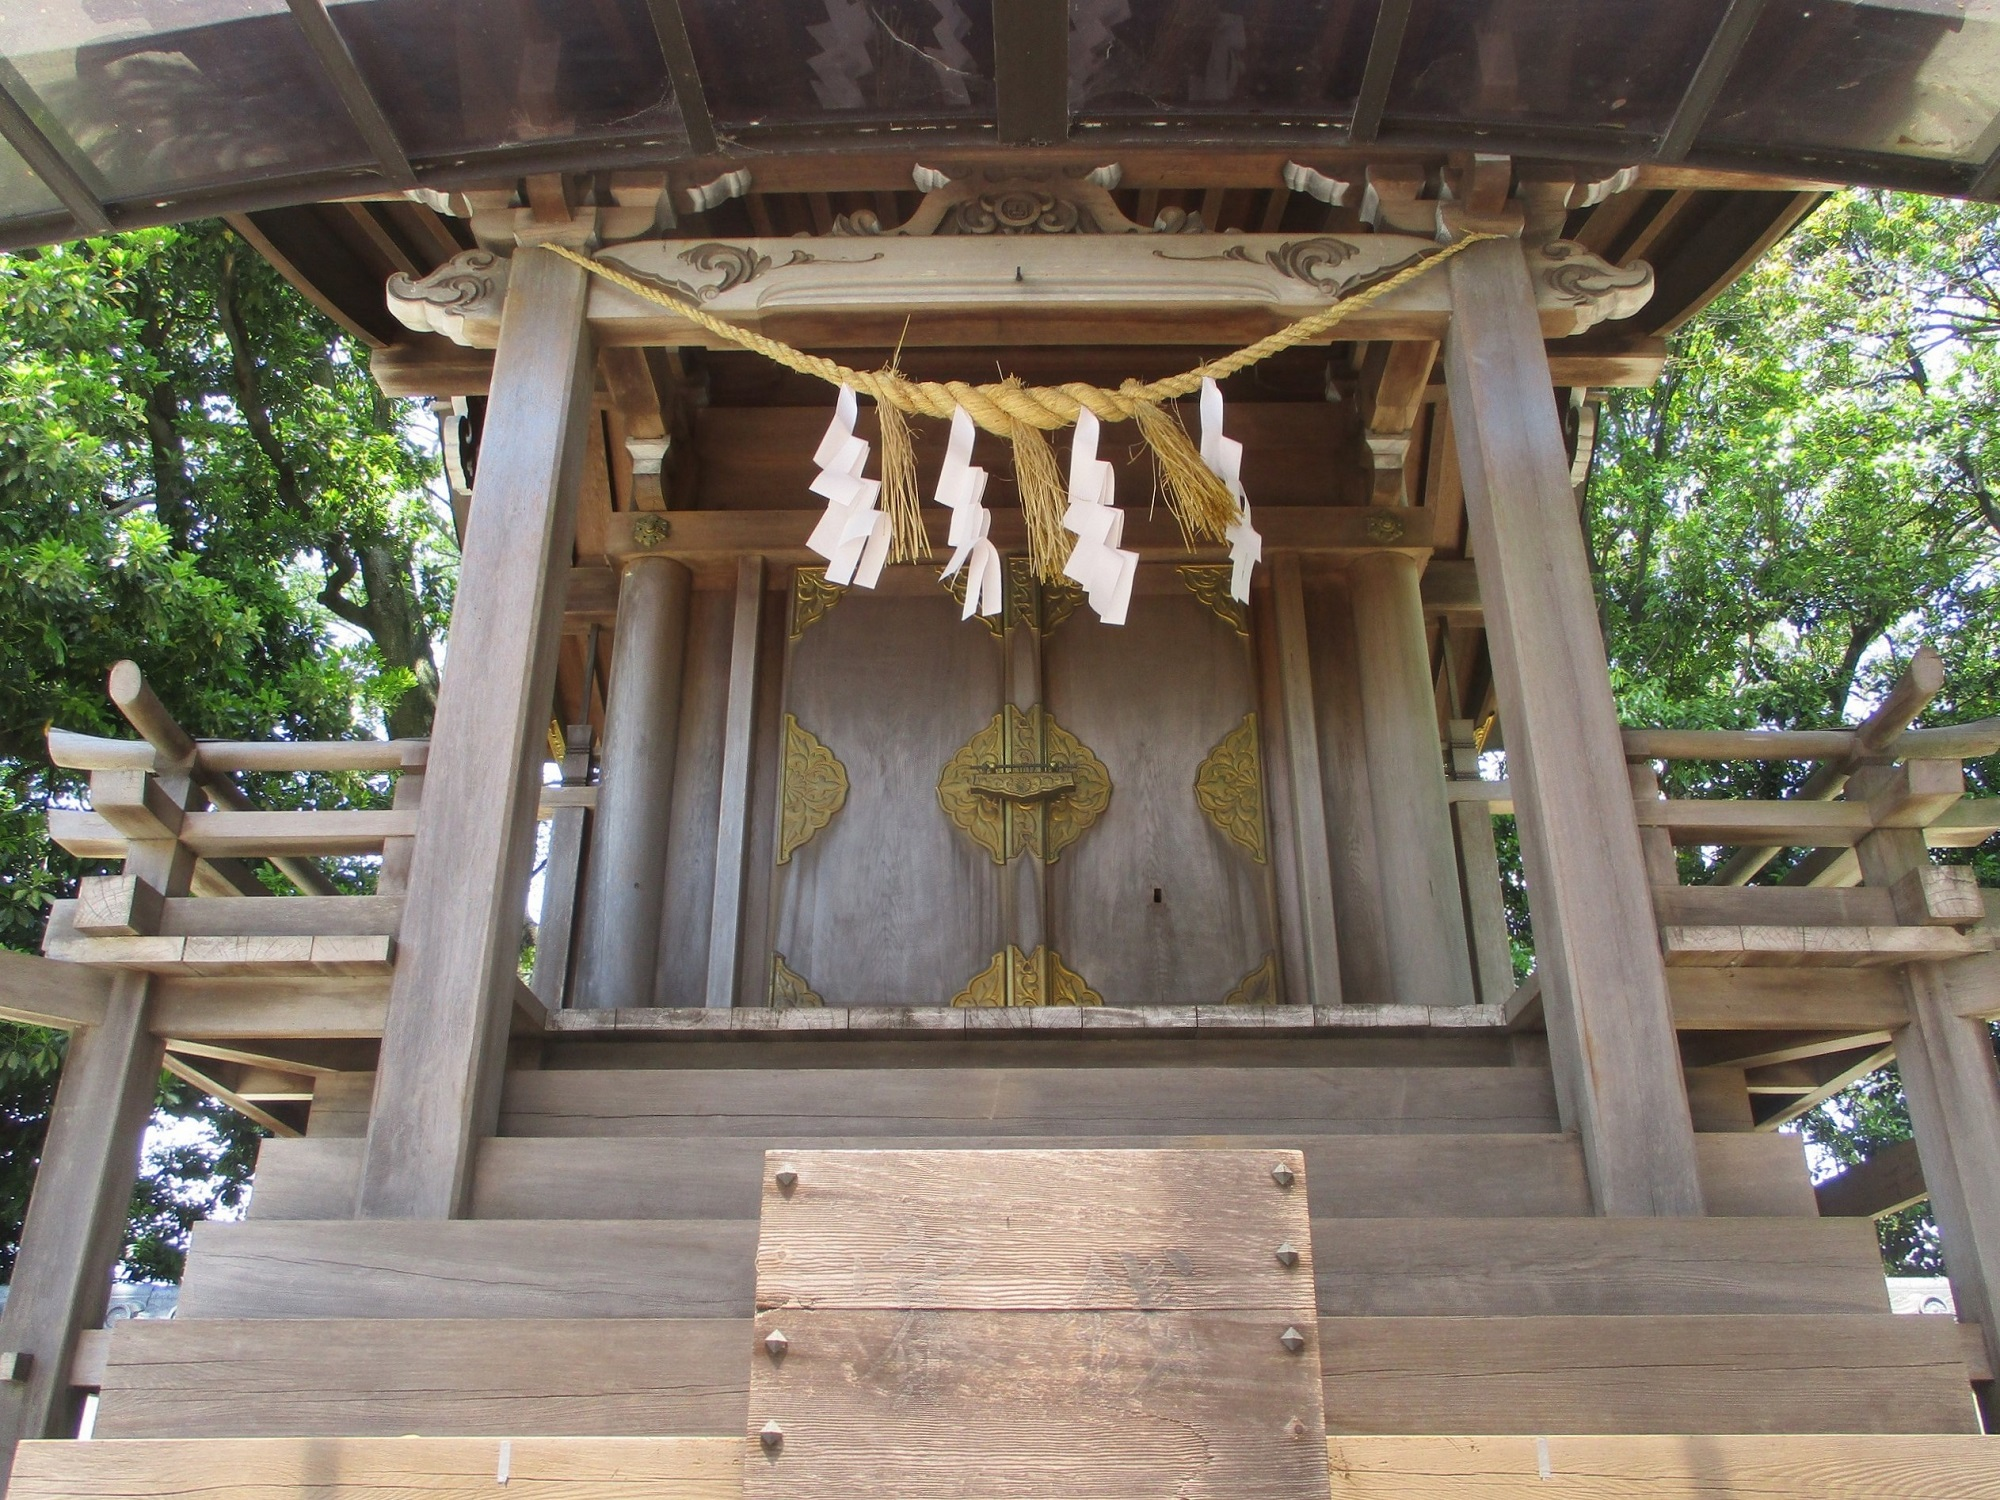 2020.5.13 (8) 酒人神社 - 本殿 2000-1500